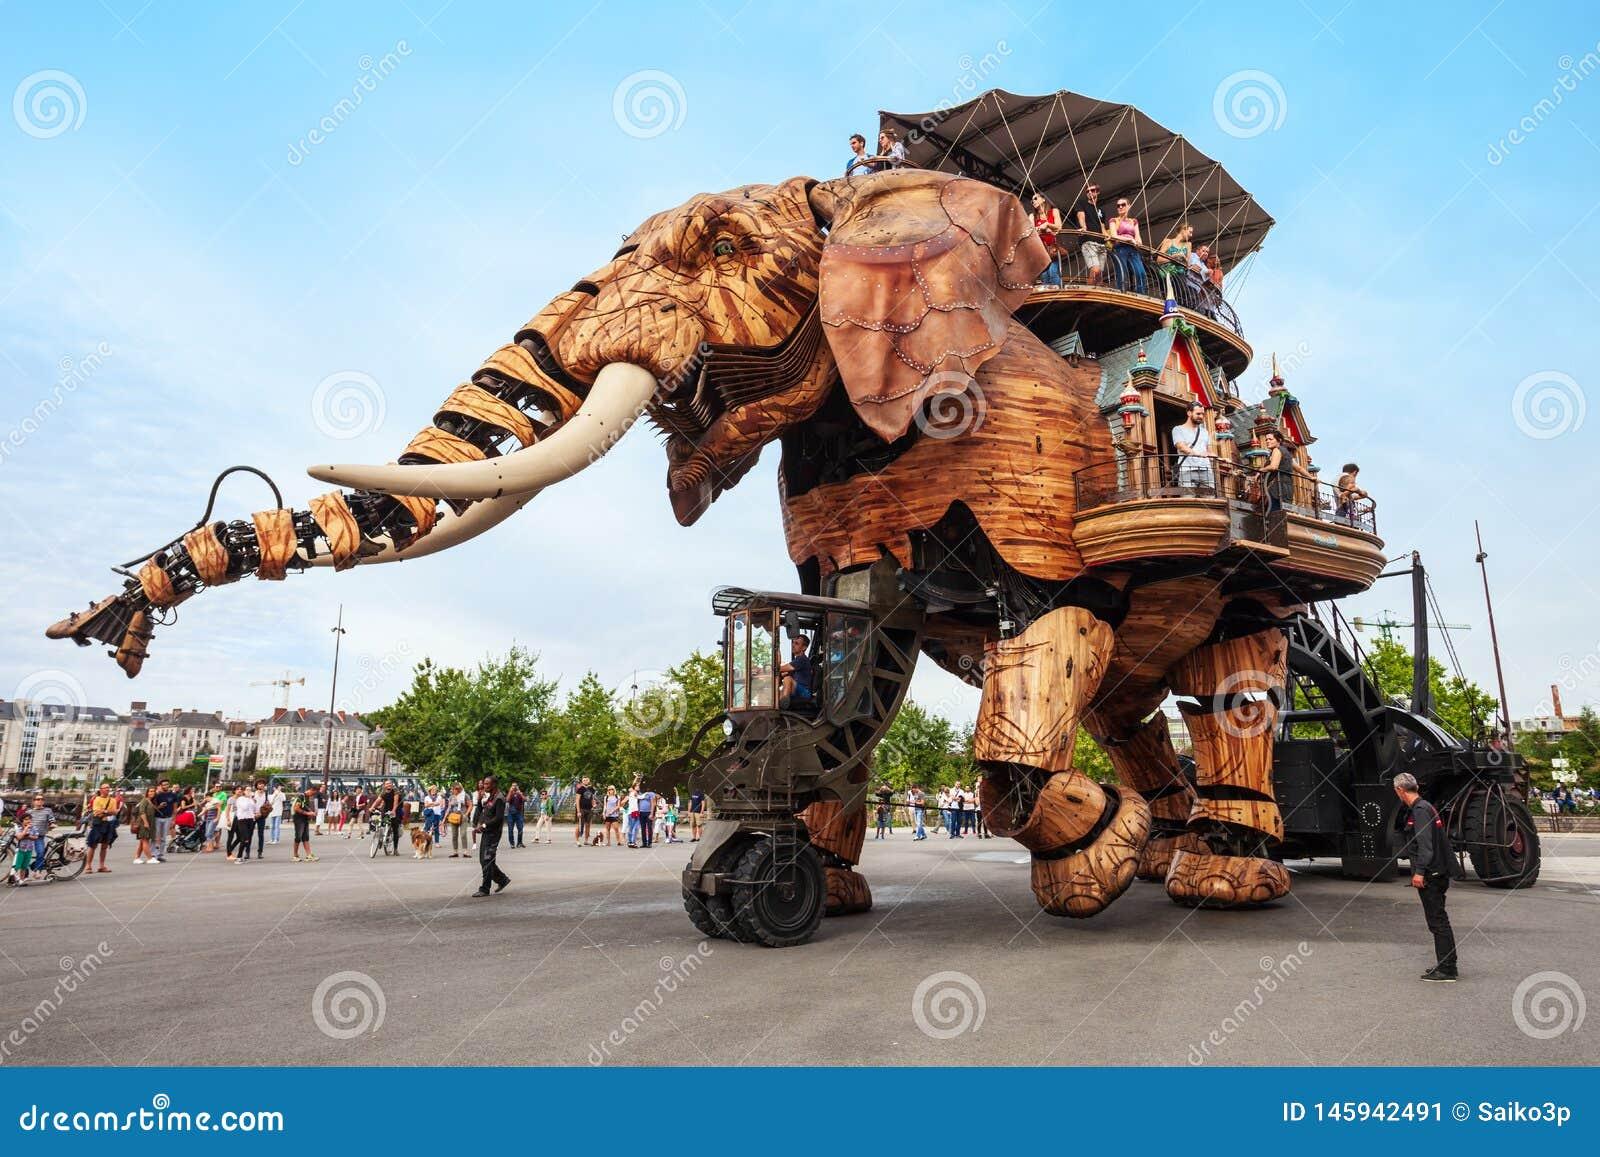 Elephant Machines Isle of Nantes